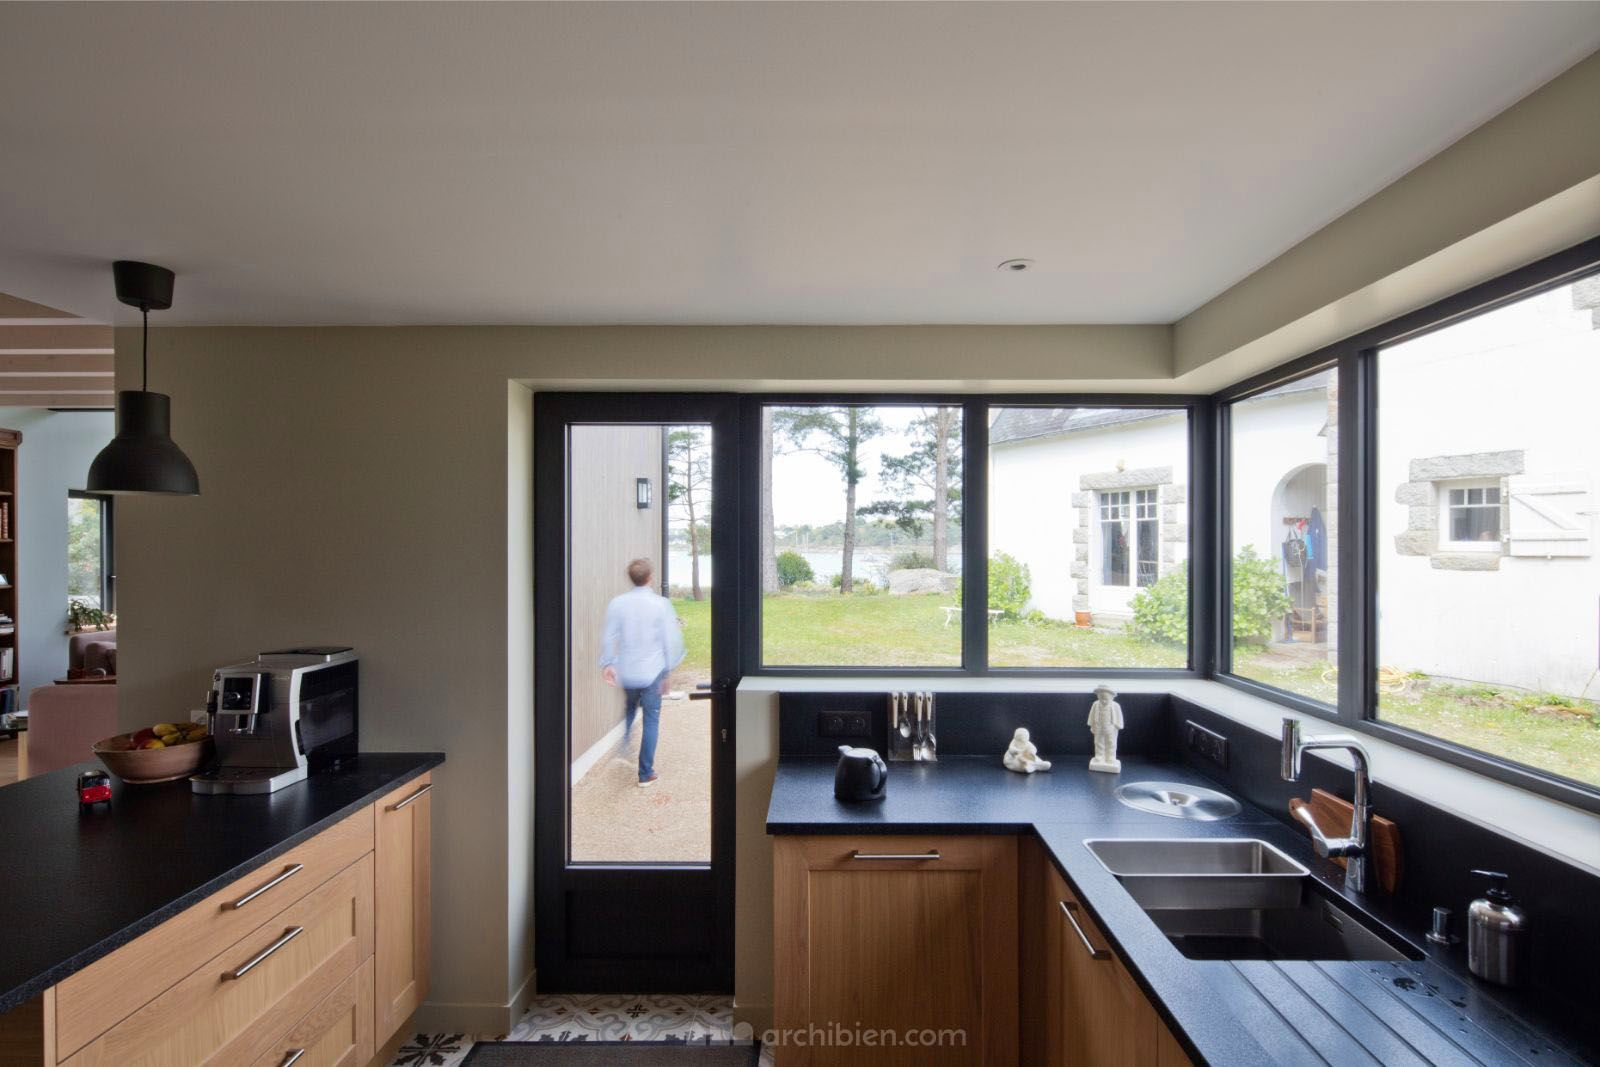 La construction neuve d\'une maison dans le Finistère, avec ...